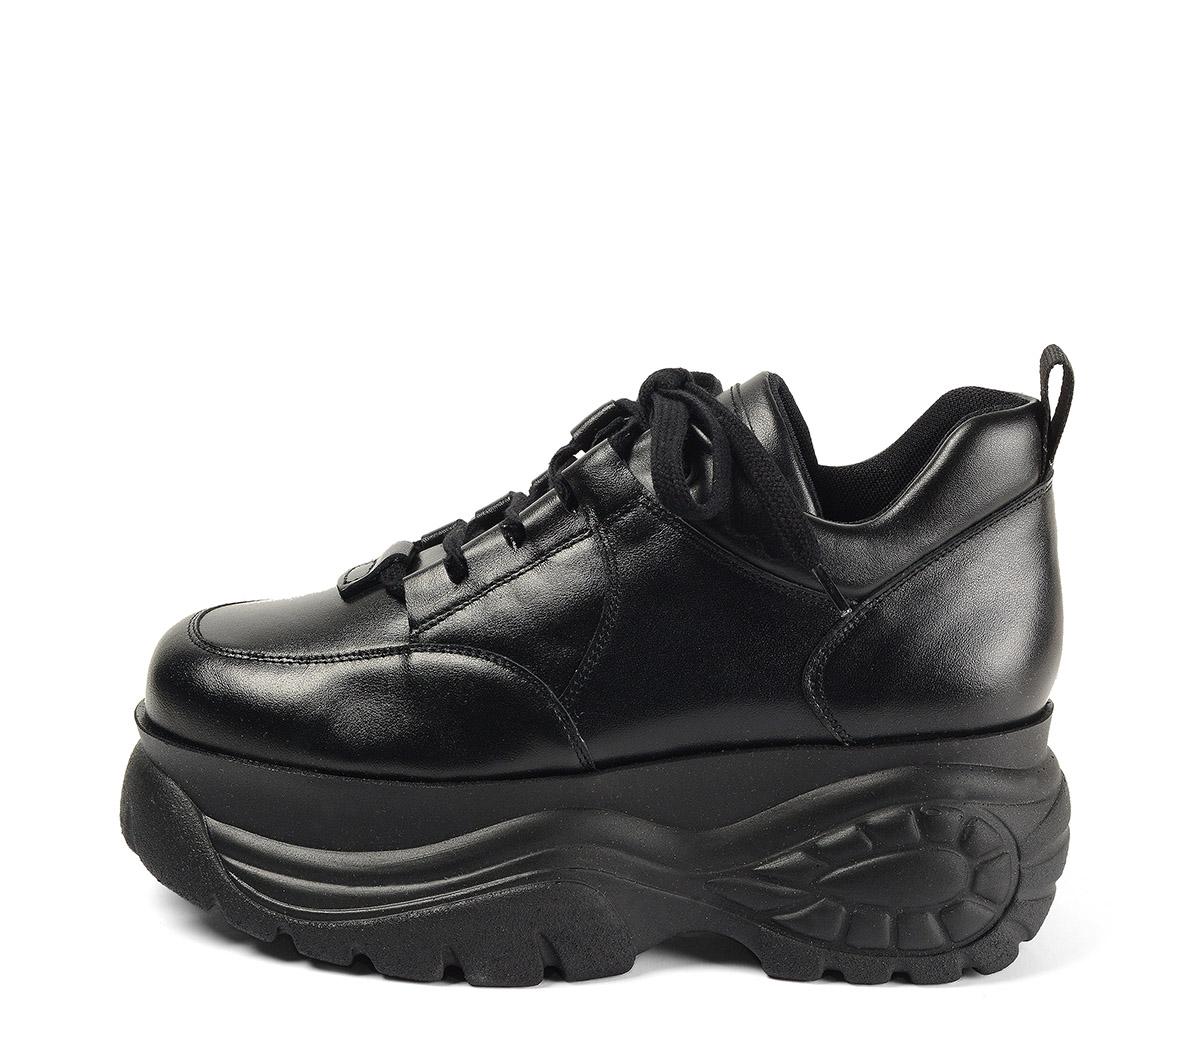 Ref. 4038 Sneaker piel negra con cordones al tono. Altura plataforma trasera 6 cm y plataforma delantera 5 cm.